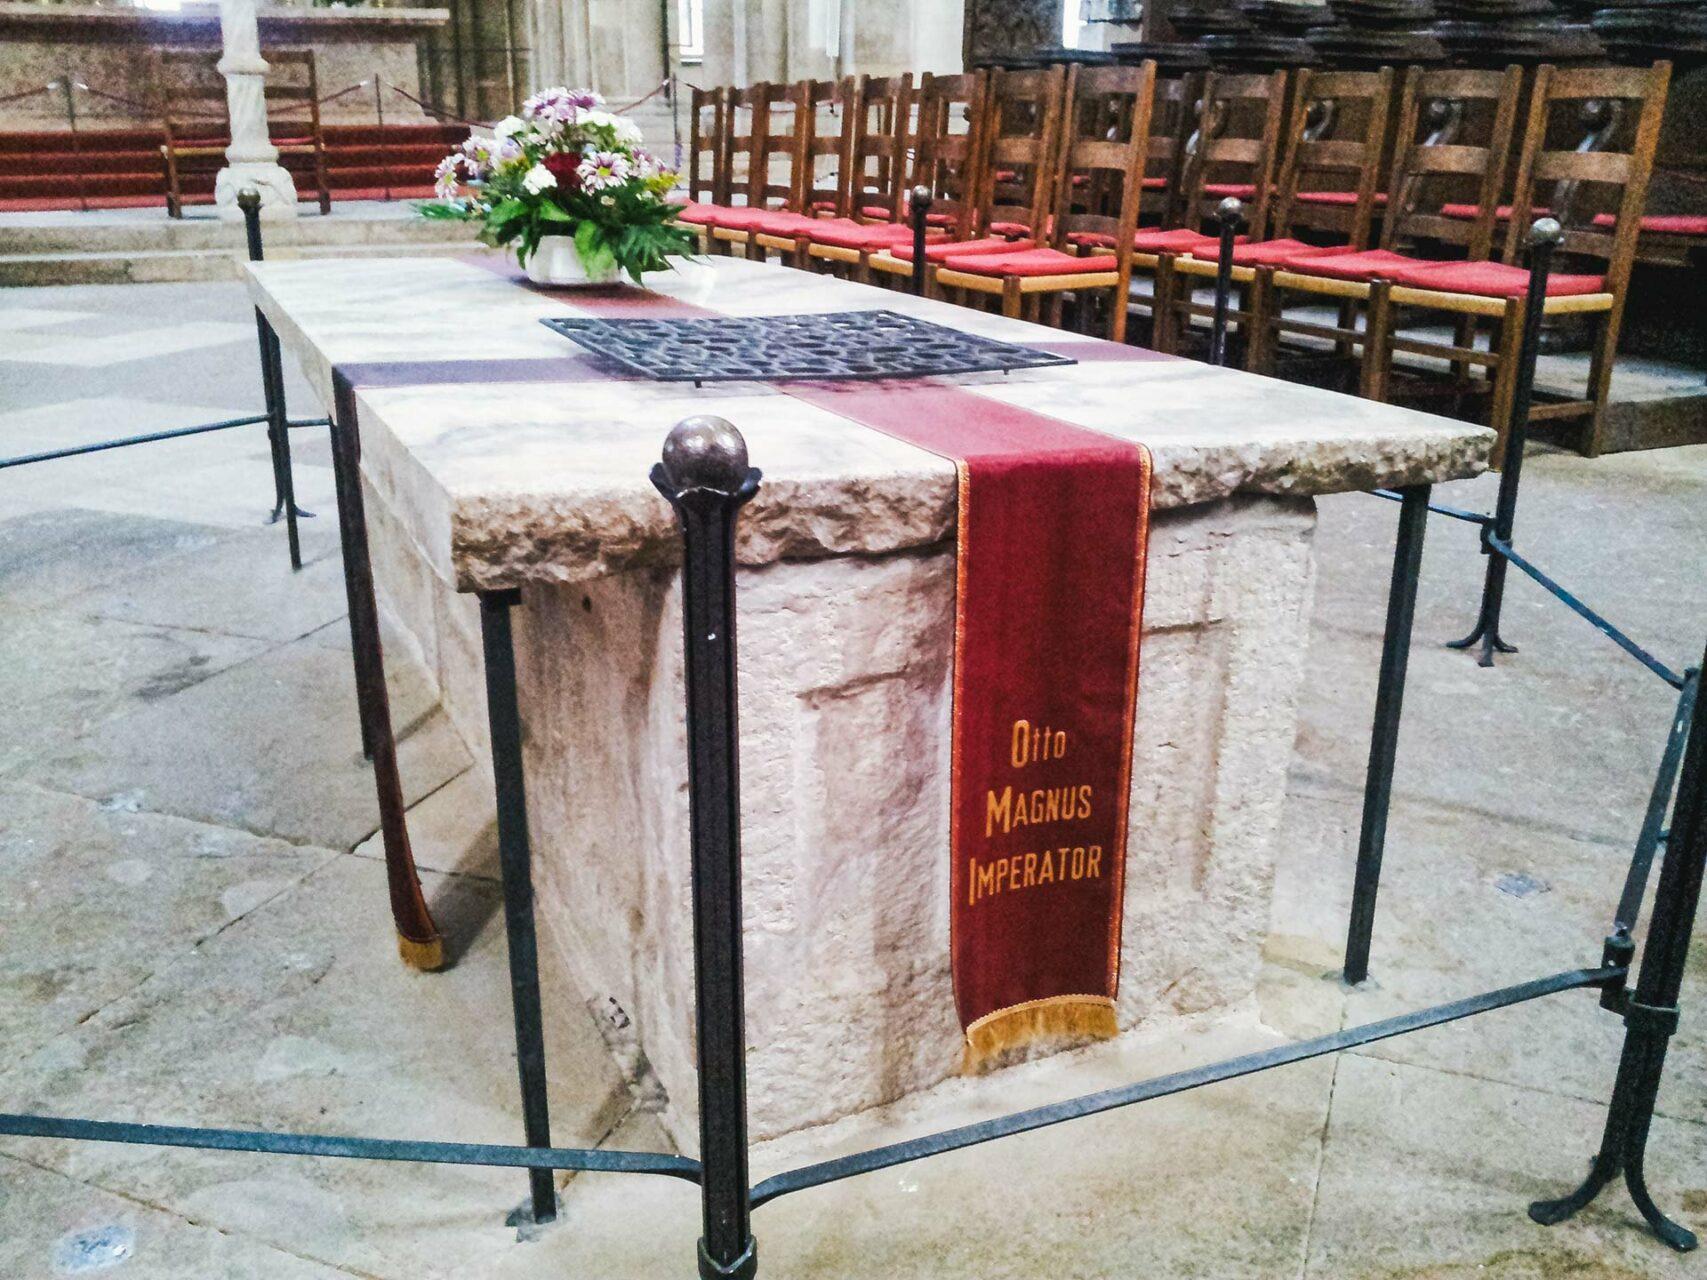 Inmitten des Dom's liegt er begraben: Otto I., gern auch der Große genannt. So groß kann er aber gar nicht gewesen sein, ick hätt in dem Ding kein Platz gefunden.